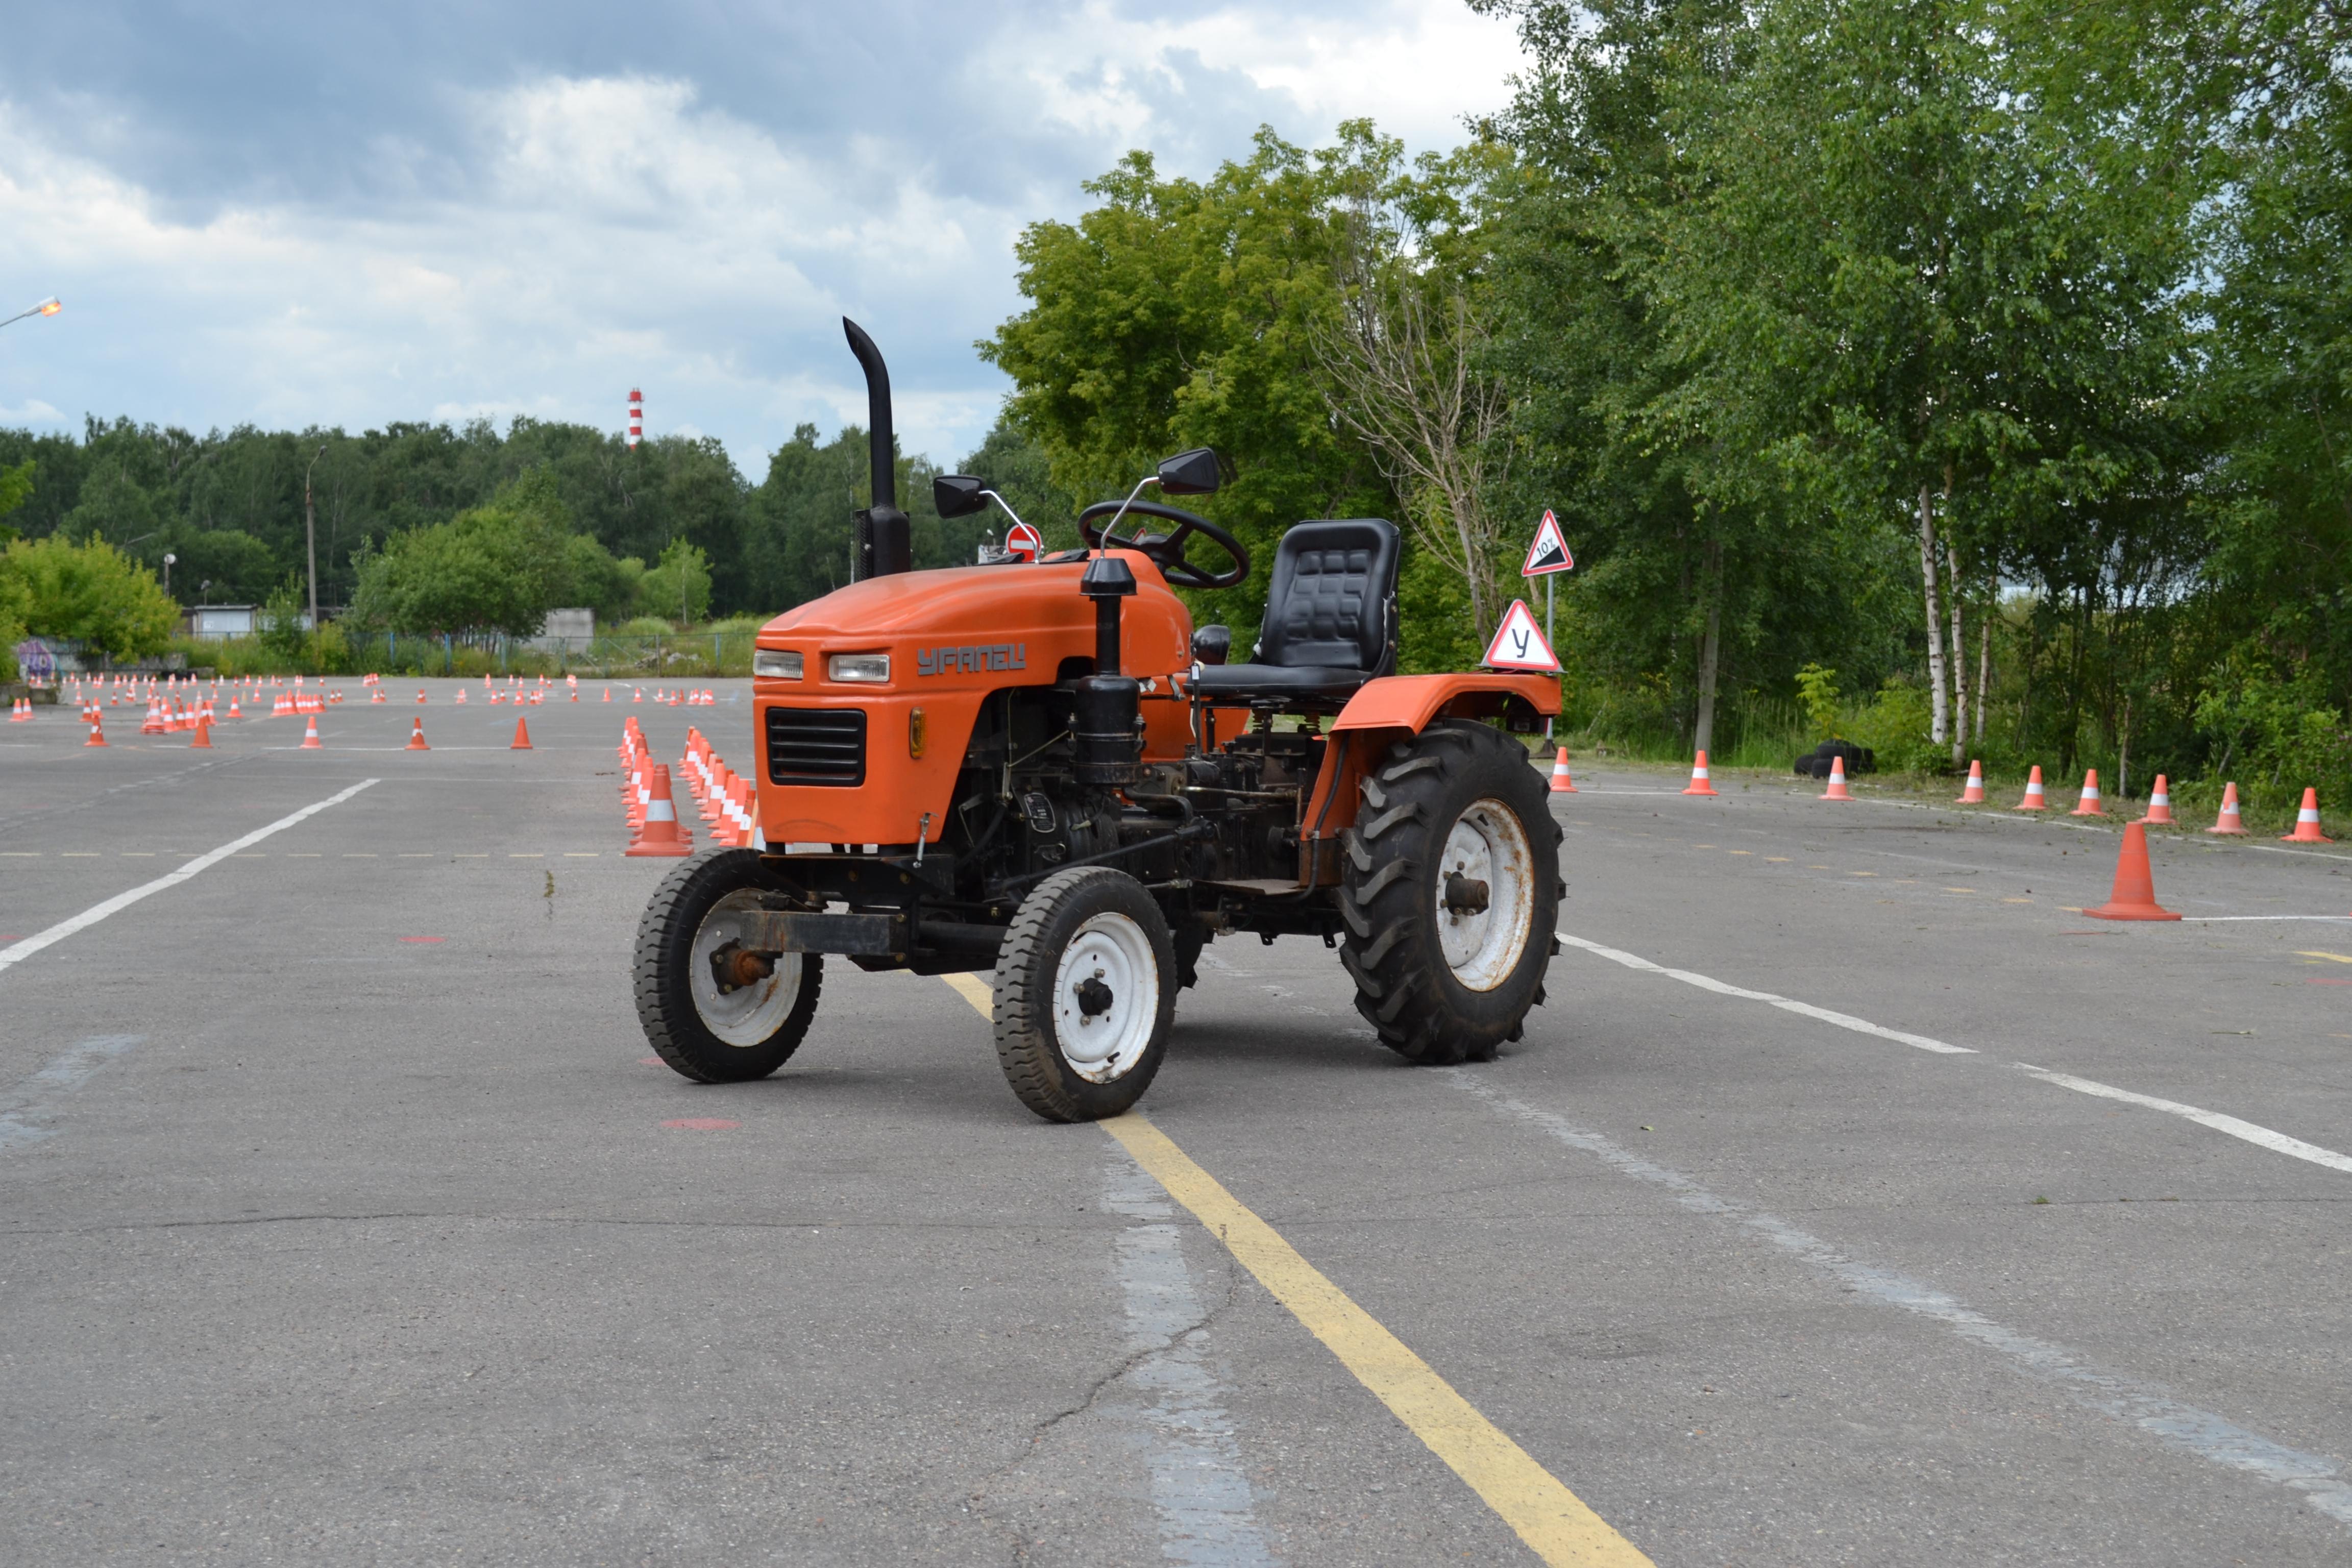 Трактор категории в картинки